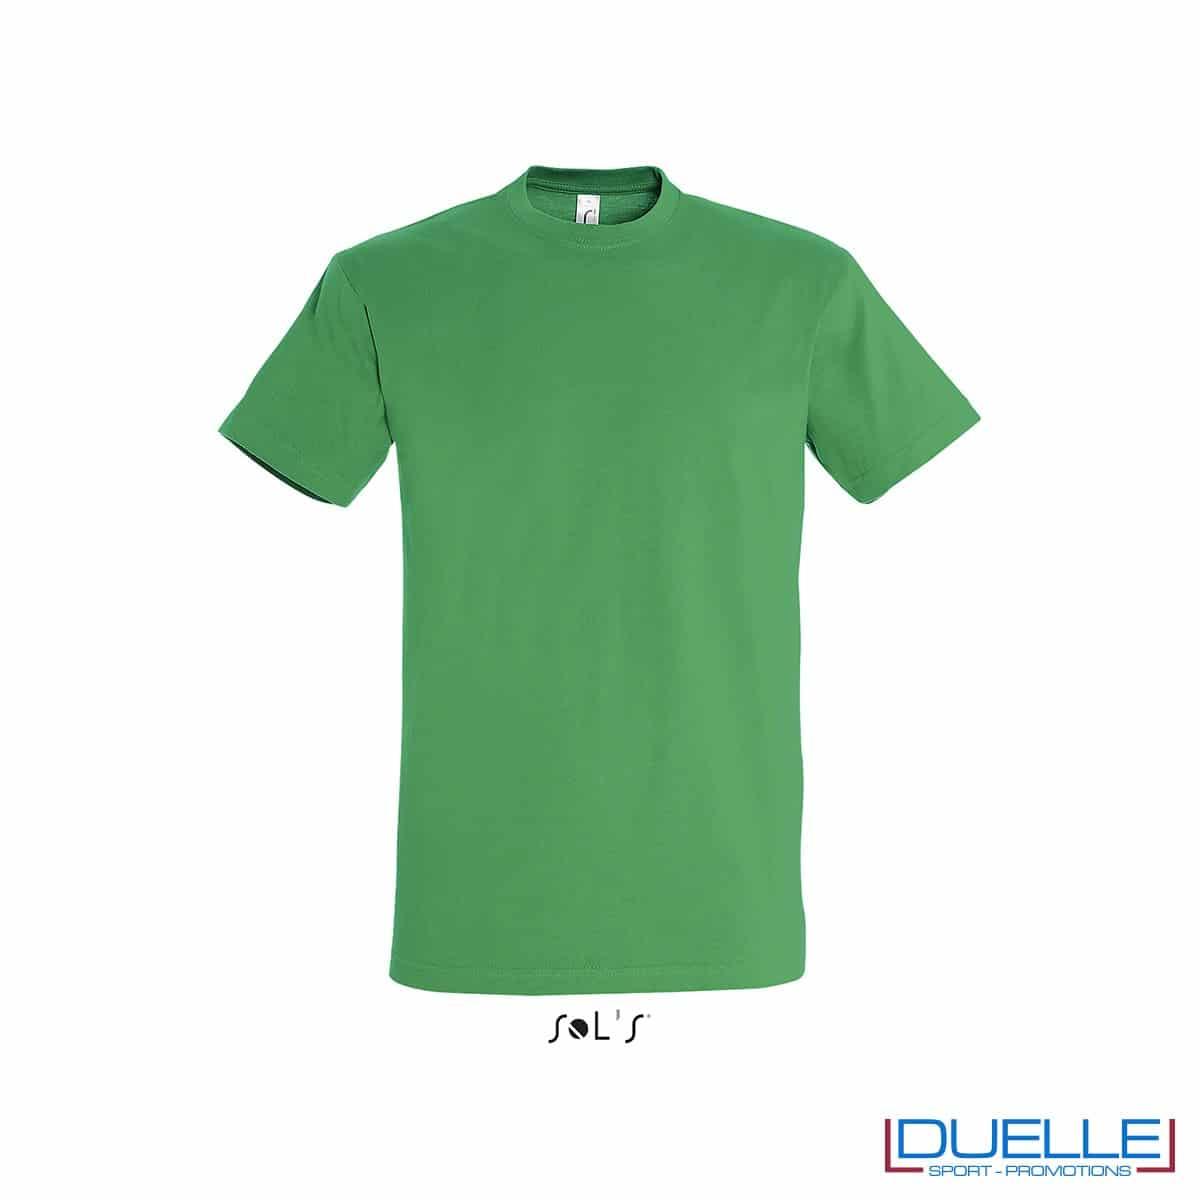 T-shirt promozionale in cotone pesante colore verde prato personalizzata con ricamo o stampa